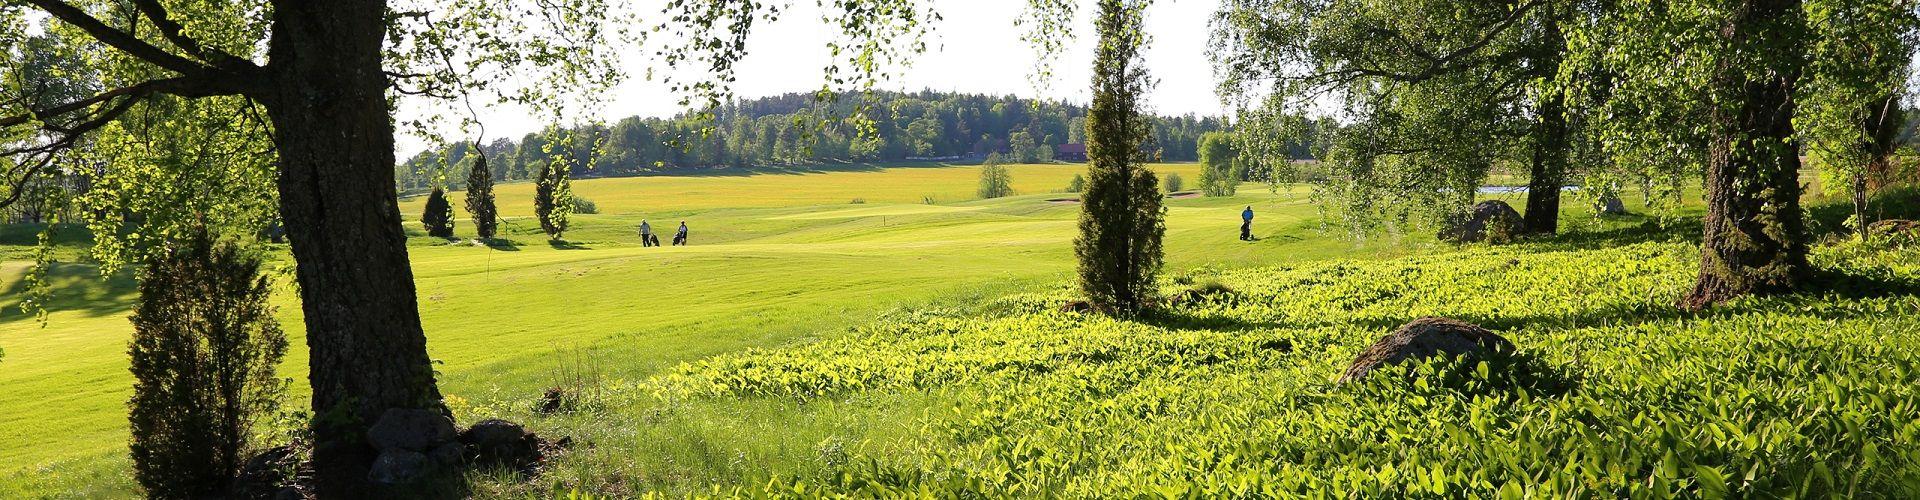 Kutsu Aulanko Golf Oy:n yhtiökokoukseen 4.3.2021